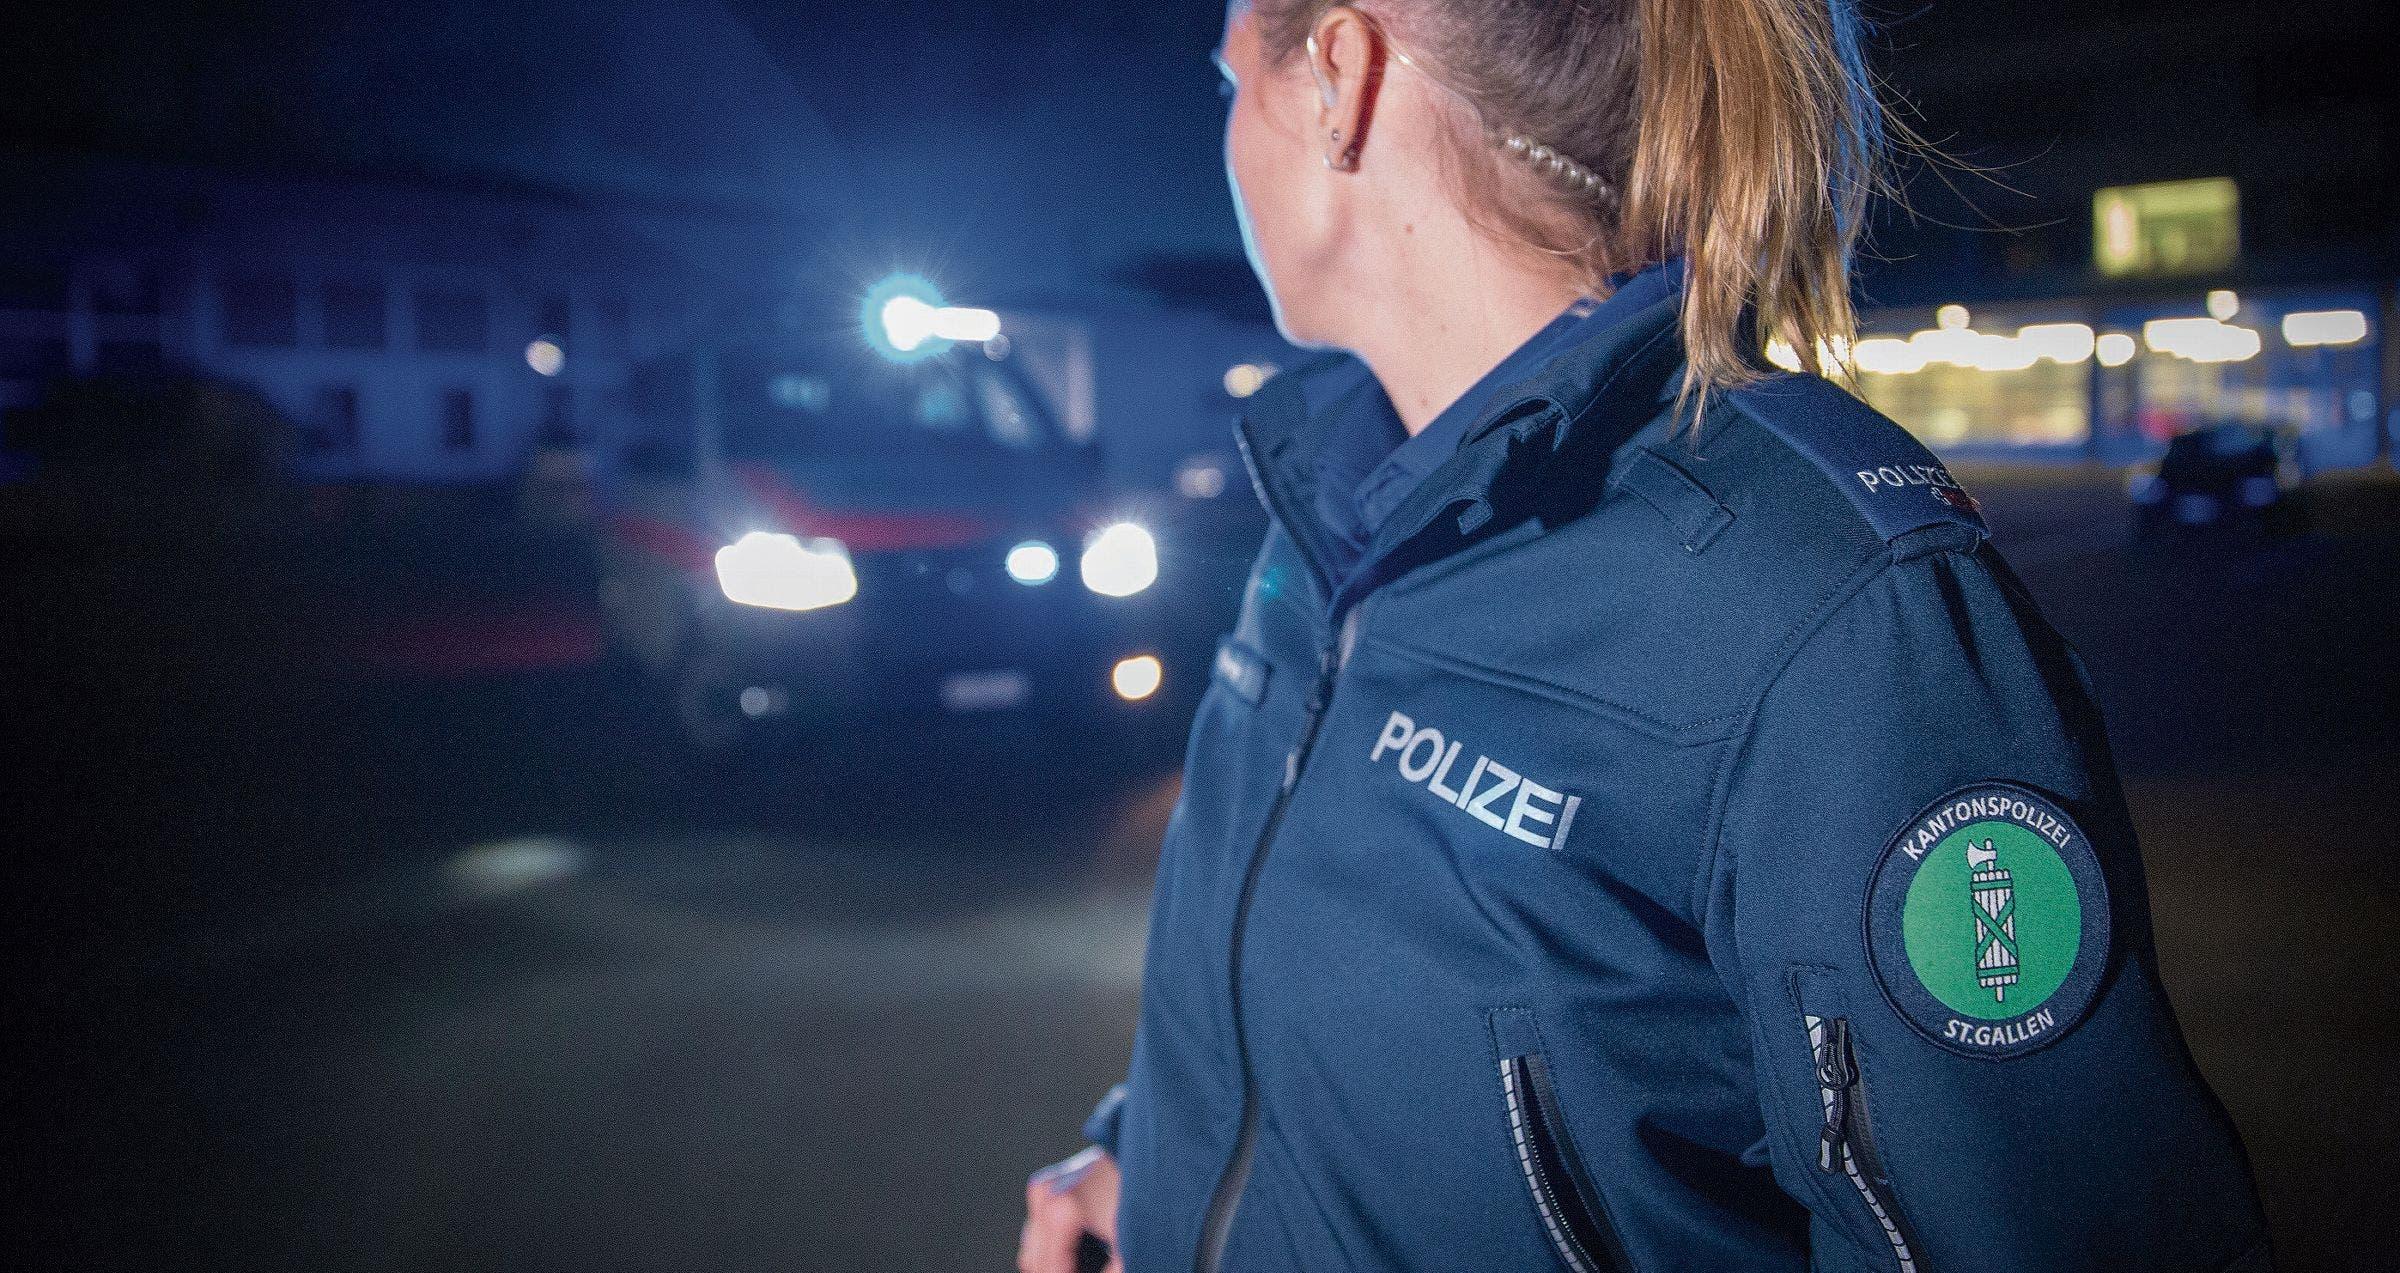 St.Galler Kantonspolizistin im Einsatz – ob im «normalen» Alltag oder für den WEF-Ausnahmezustand, ist für die Bevölkerung selten erkennbar. Bis zu 1000 Polizeiangehörige und rund 5000 Soldaten sind rund um das WEF im Einsatz.